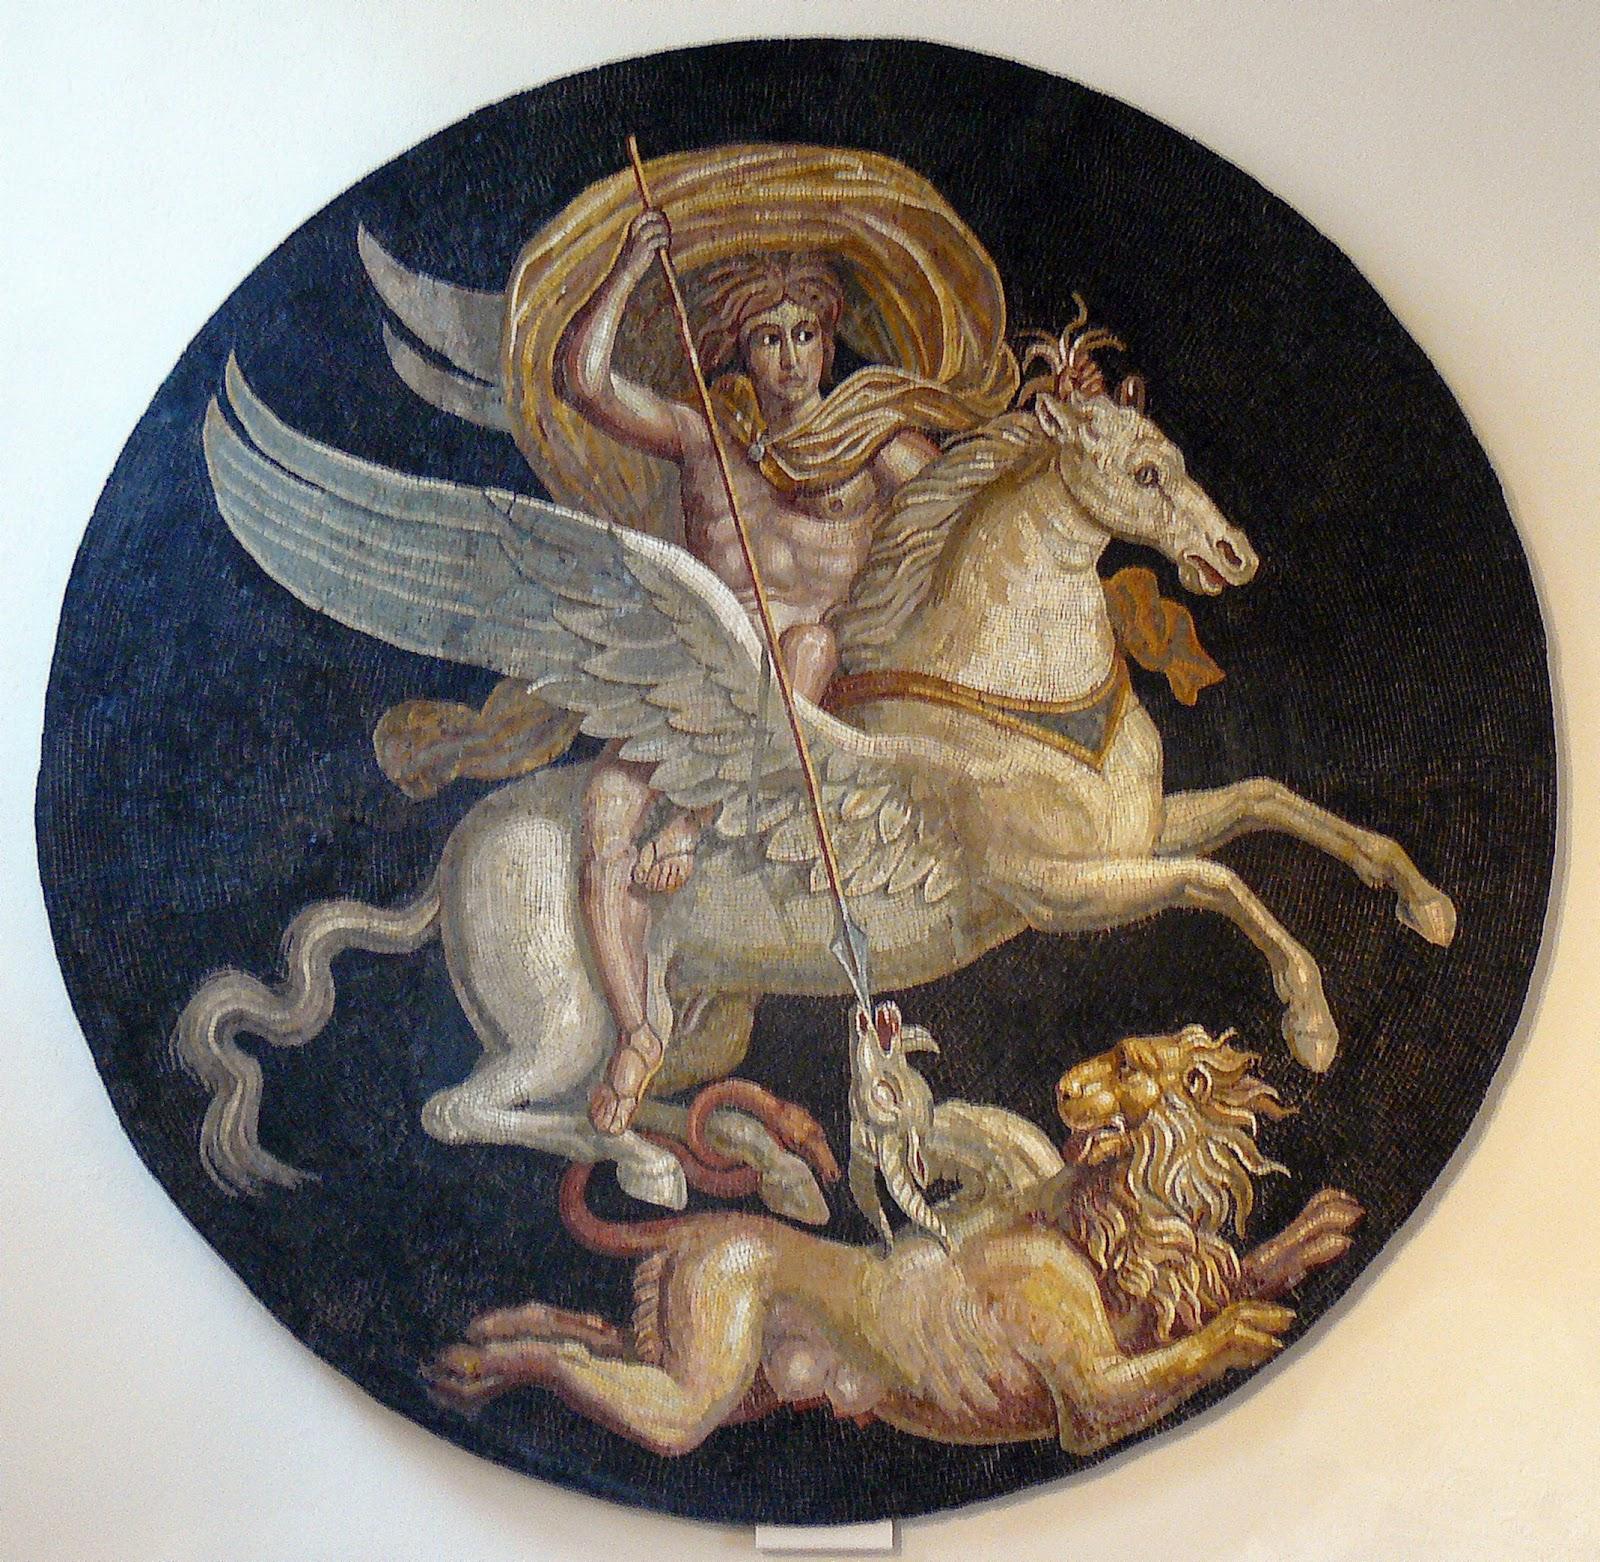 Farfalle eterne io e la mitologia greca - Mitologia greca mitologia cavallo uomo ...